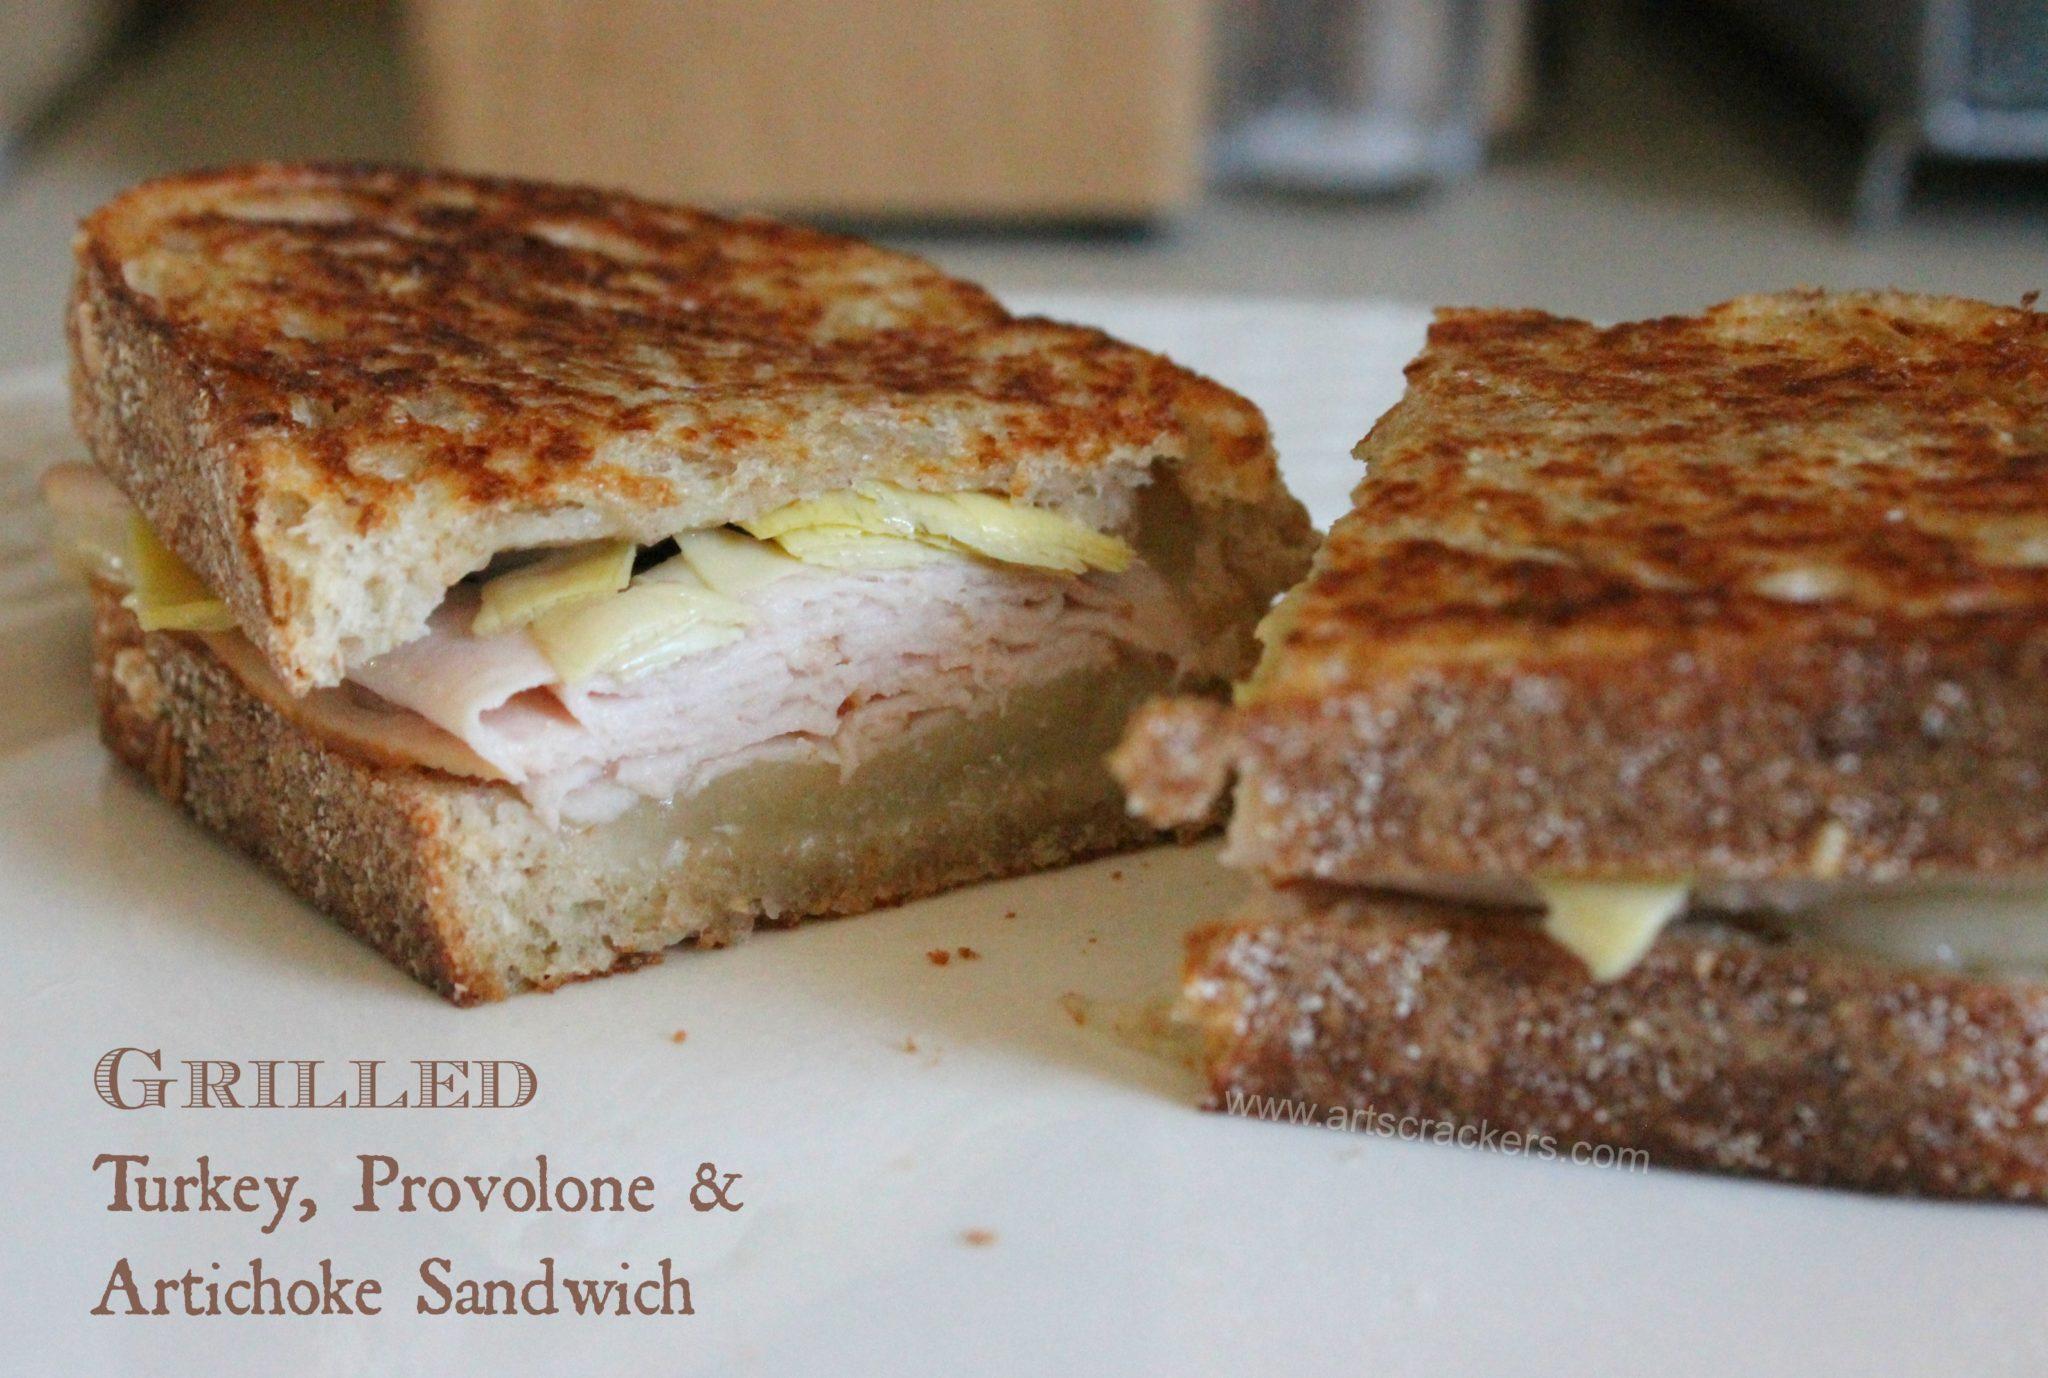 Grilled Turkey Provolone Artichoke Sandwich